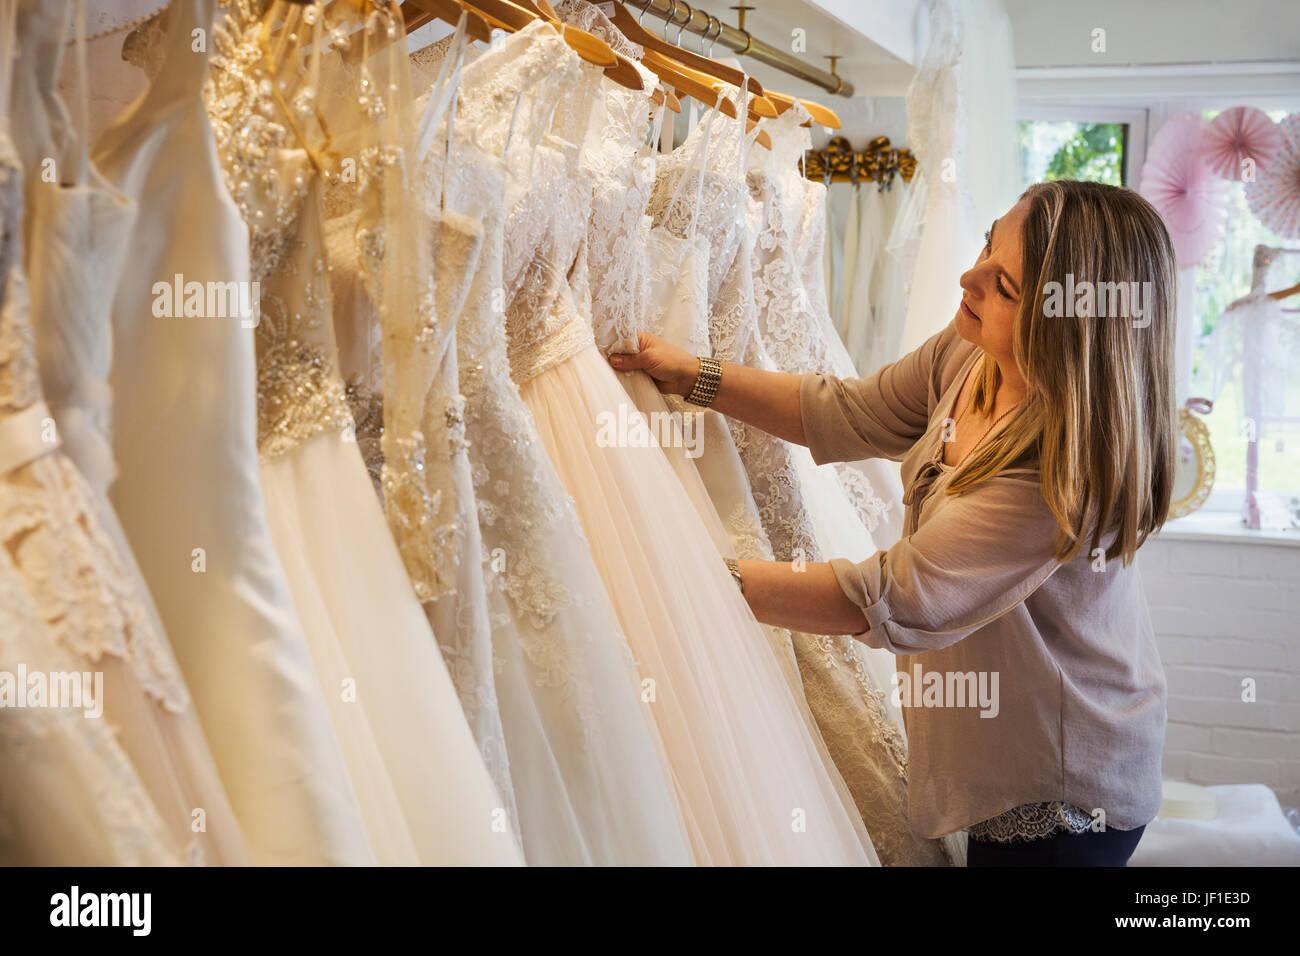 Un vendeur dans une boutique de robe de mariage, en regardant à travers les robes suspendues dans les rails. Photo Stock